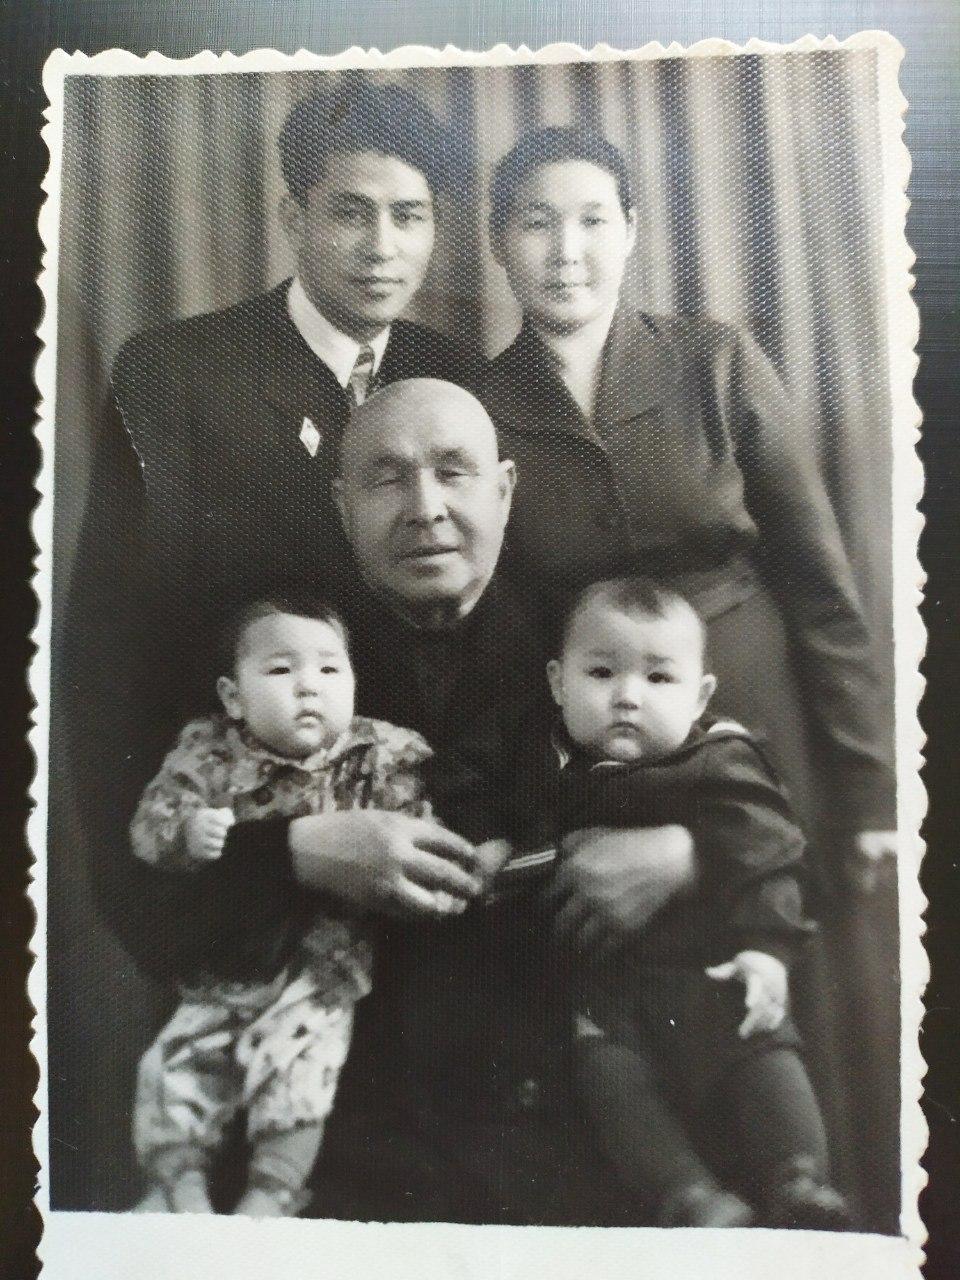 мои папа с мамой стоя, дедушка сидя, и брат с сестрой на коленях деда, 1958 год